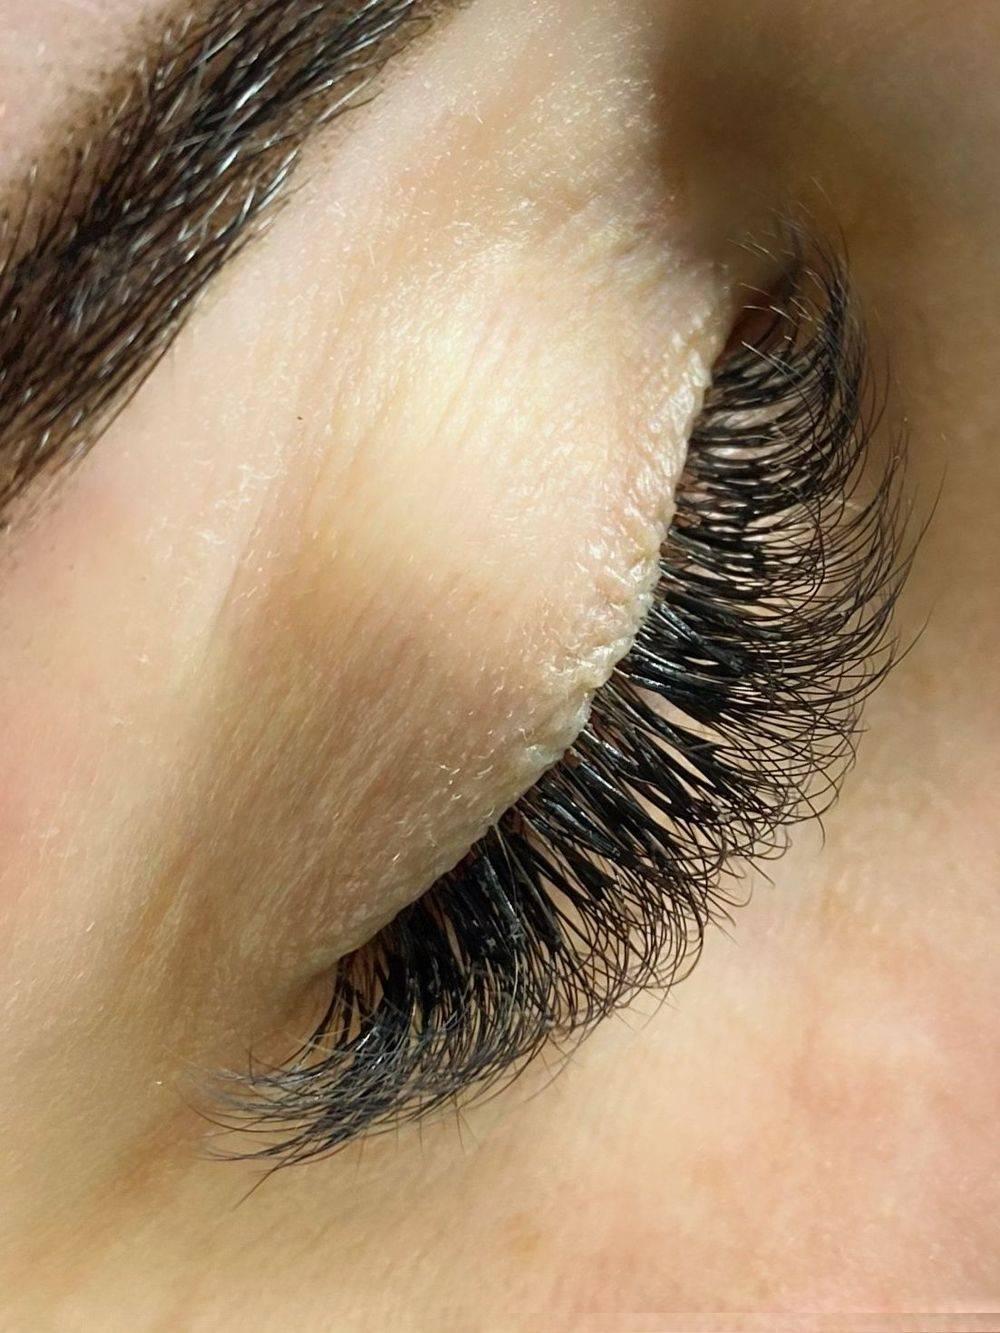 Lash extensions, lash lift, brow lamination, waxing, tinting, Henna Brows, Nails, great yarmouth